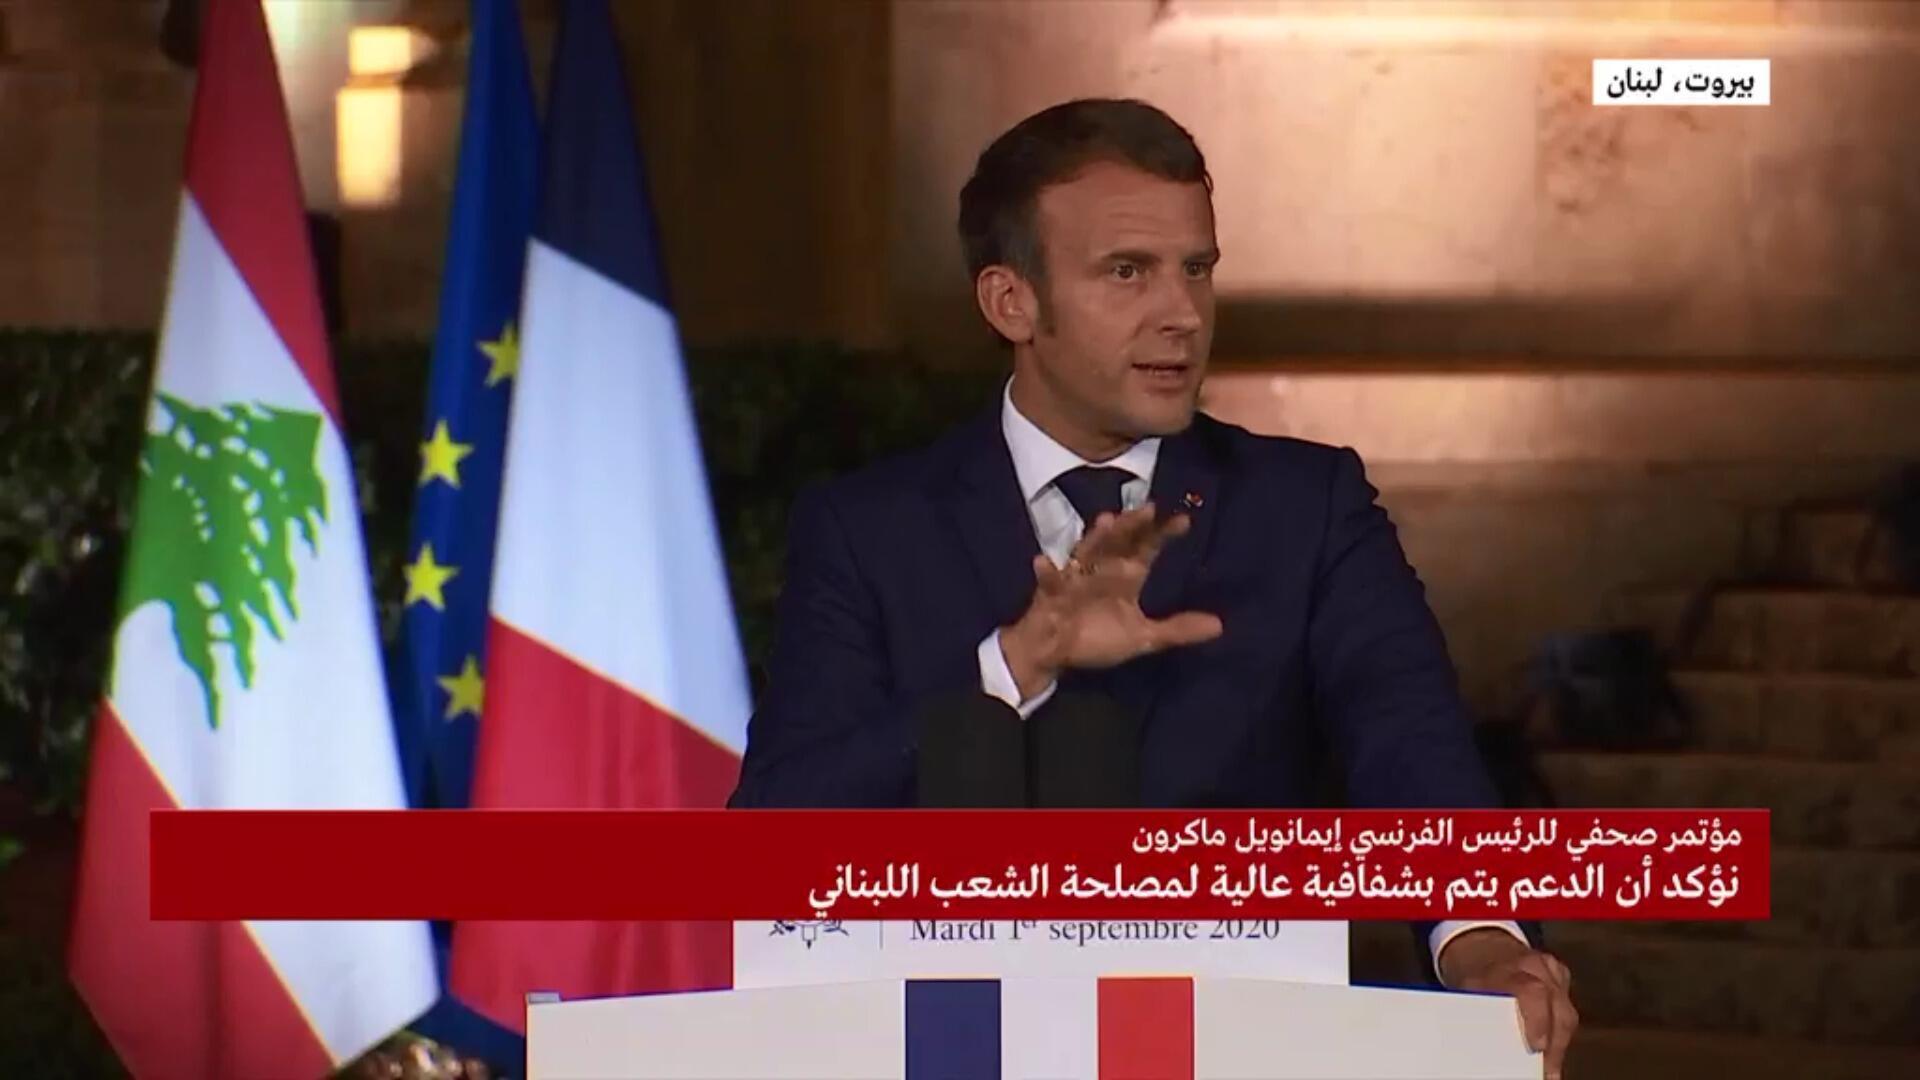 الرئيس الفرنسي من بيروت